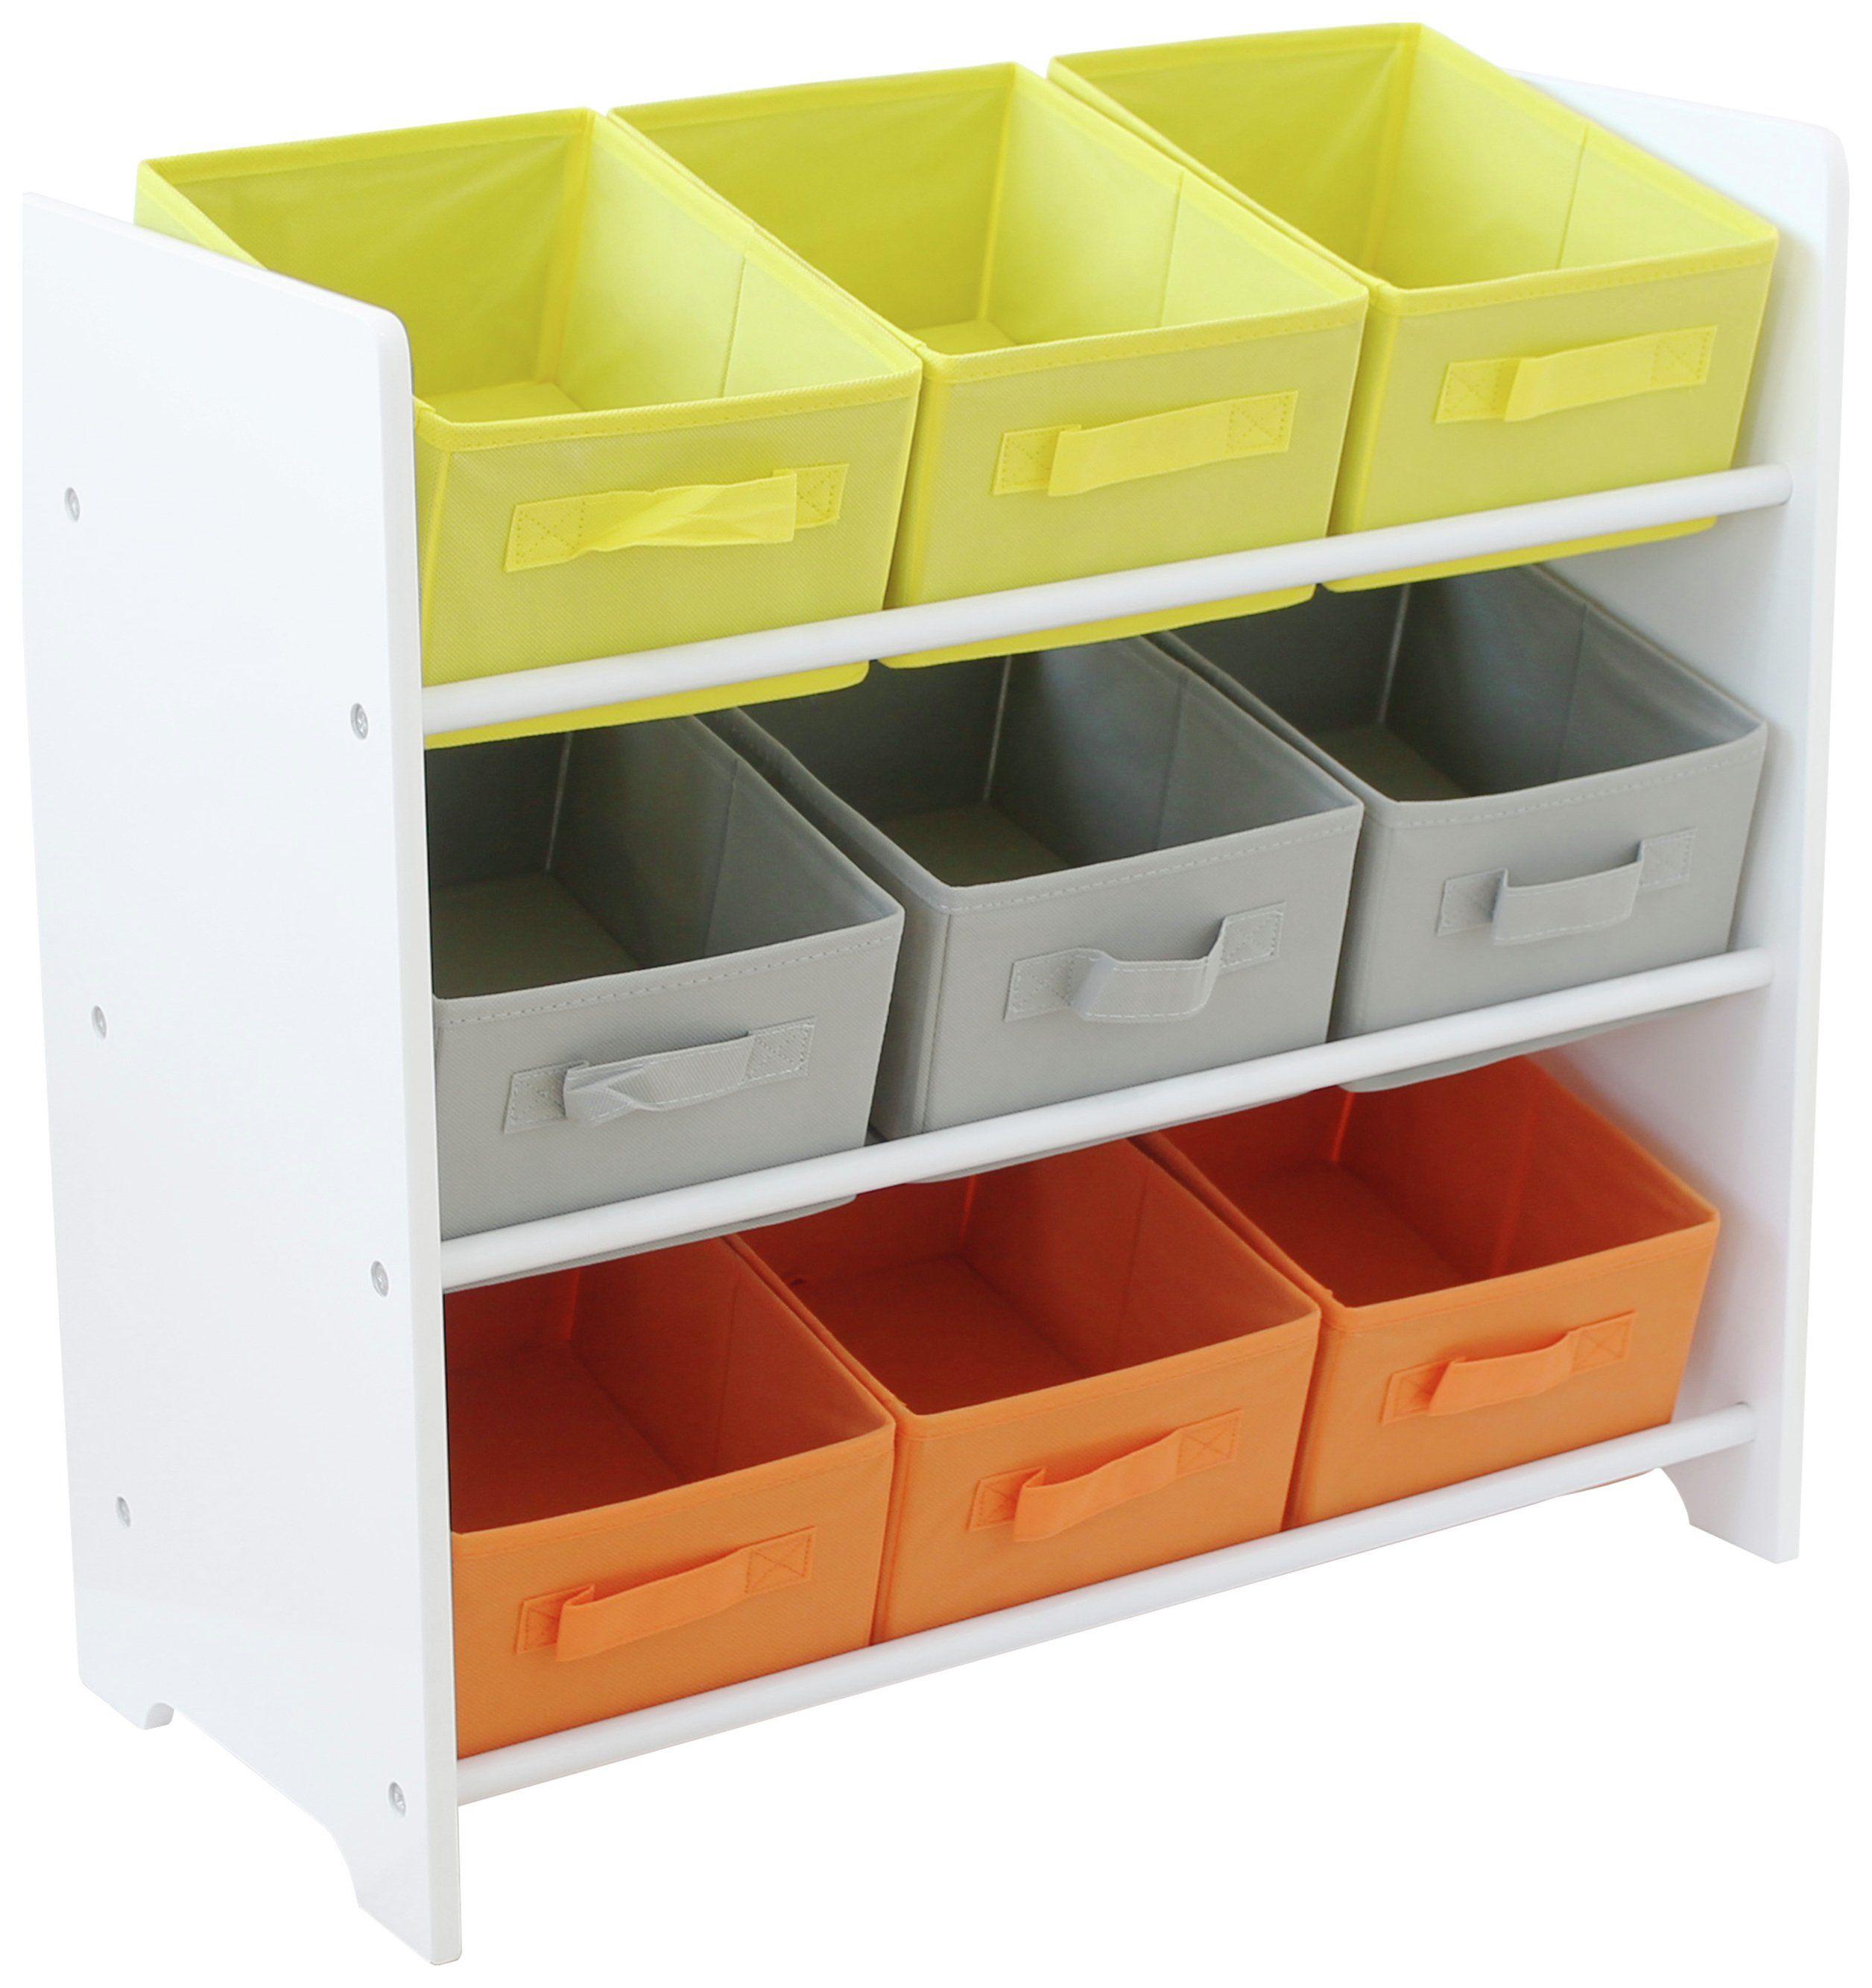 Argos Home 3 Tier White Kids Basket Storage Unit In 2020 Storage Storage Baskets Hanging Storage